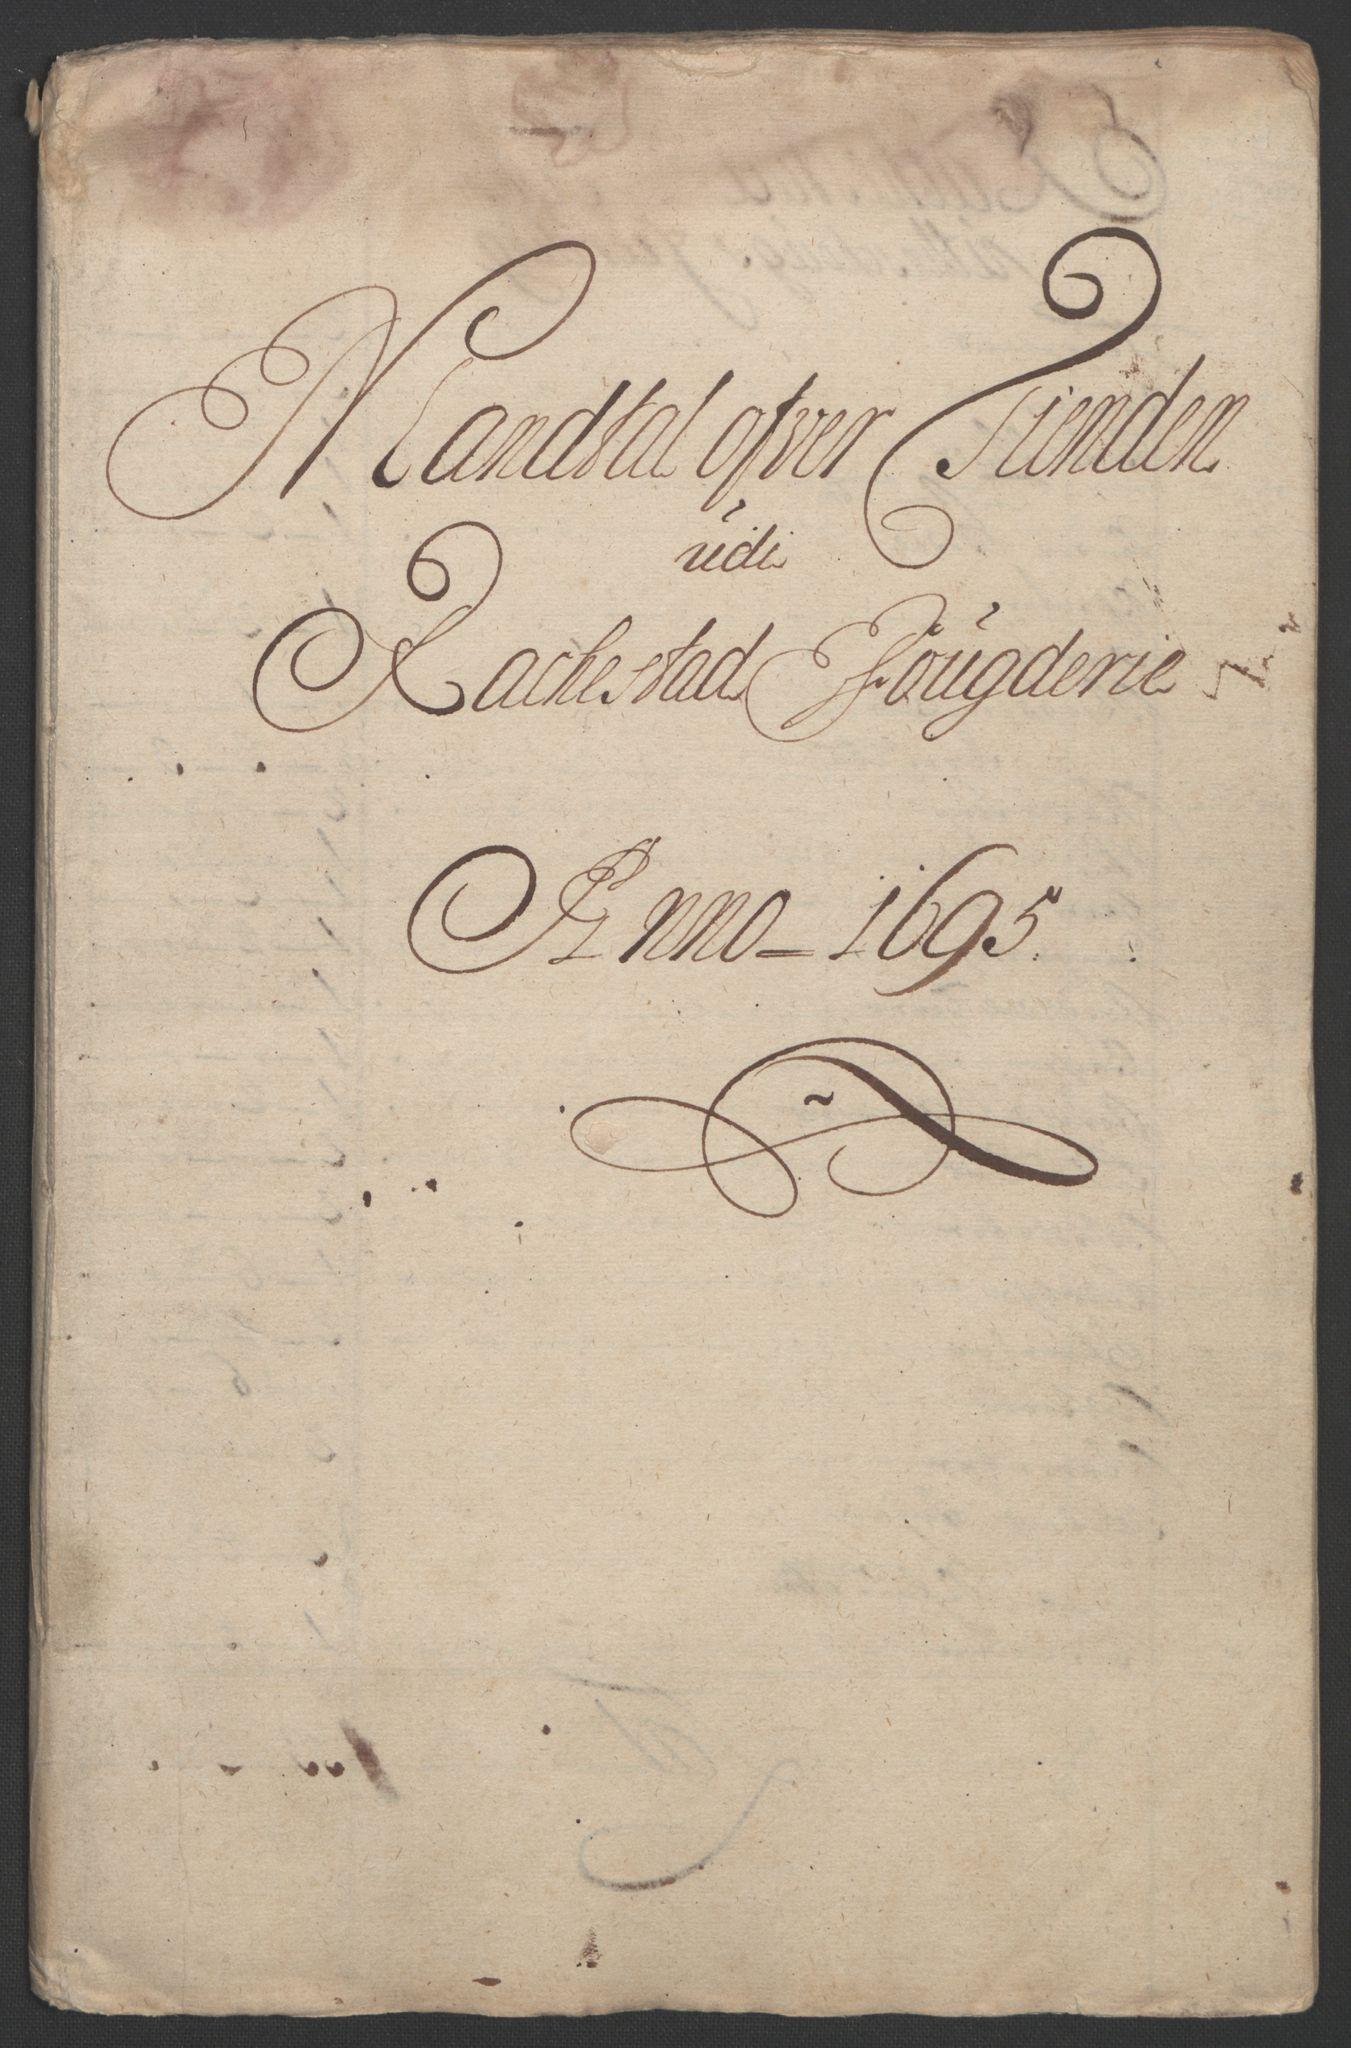 RA, Rentekammeret inntil 1814, Reviderte regnskaper, Fogderegnskap, R07/L0285: Fogderegnskap Rakkestad, Heggen og Frøland, 1695, s. 30